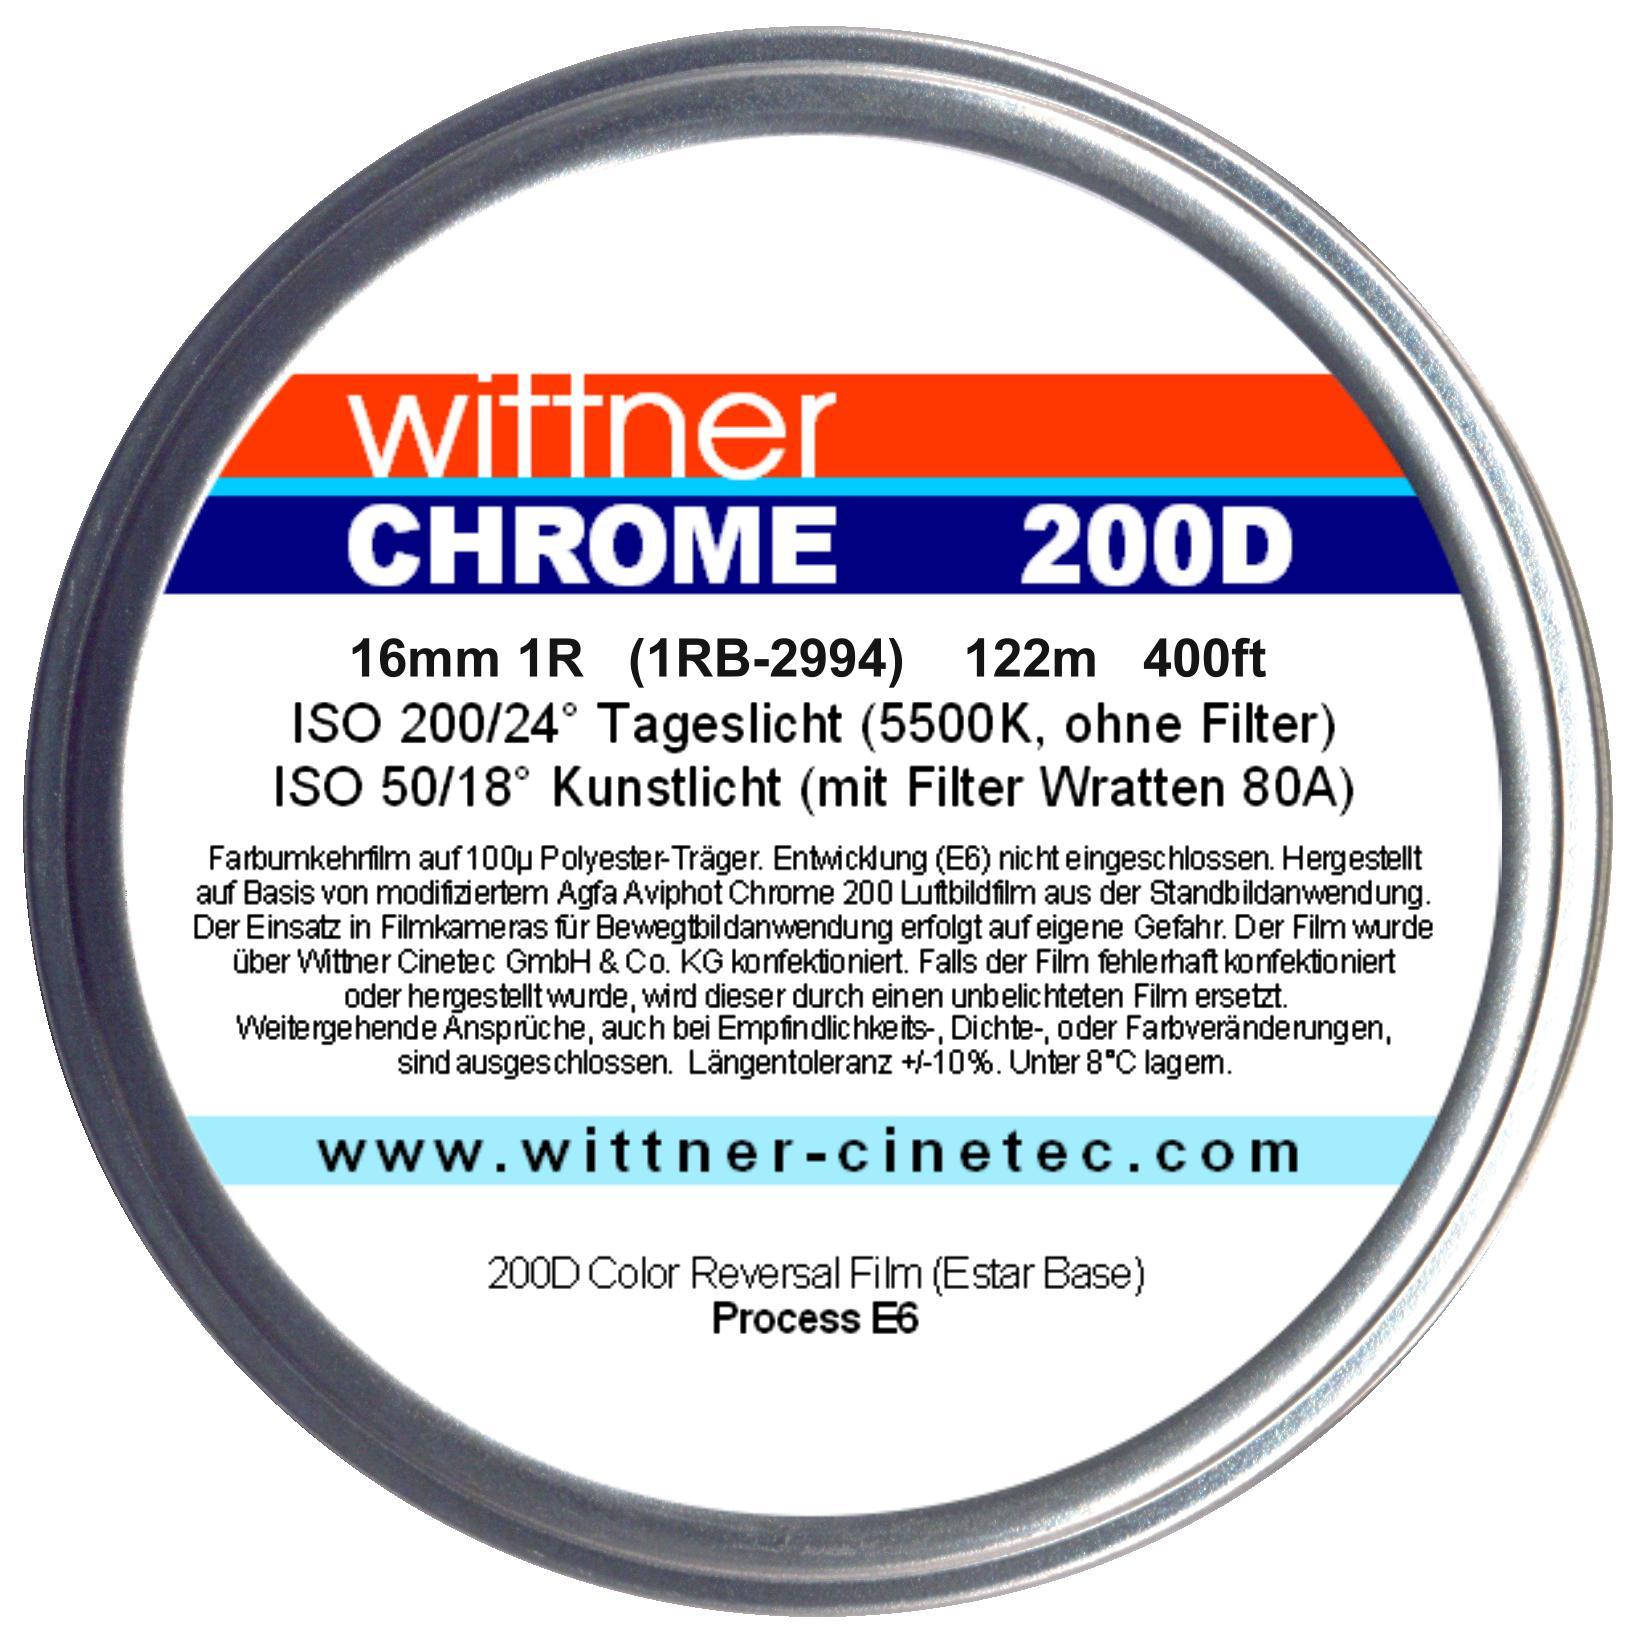 WITTNER Chrome 200D, 16mm 1R, 400ft / 122m on core - WITTNER CINE